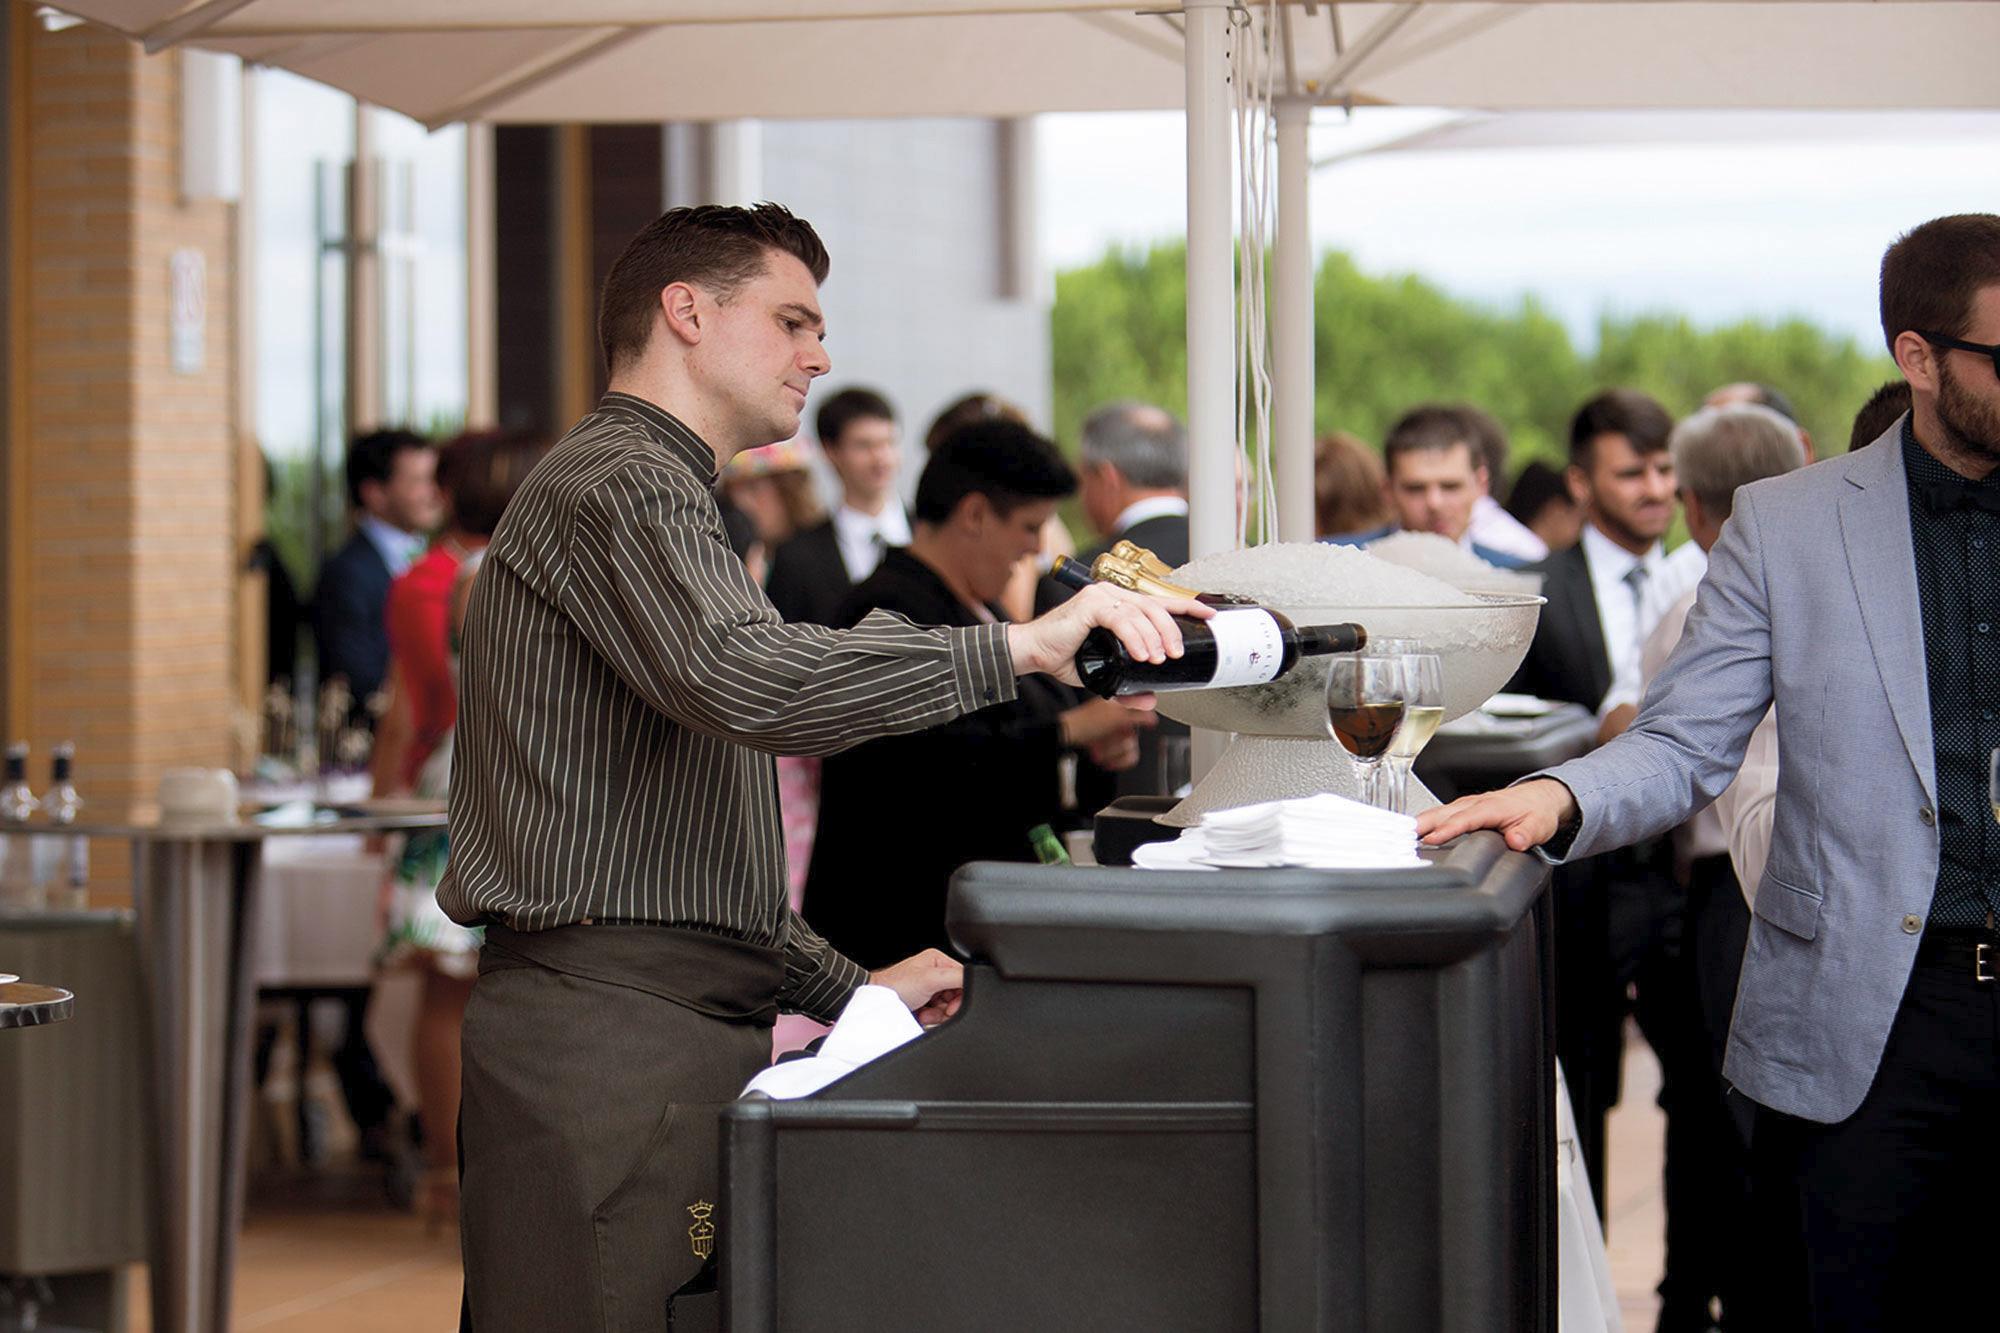 bebidas - camarero en exterior